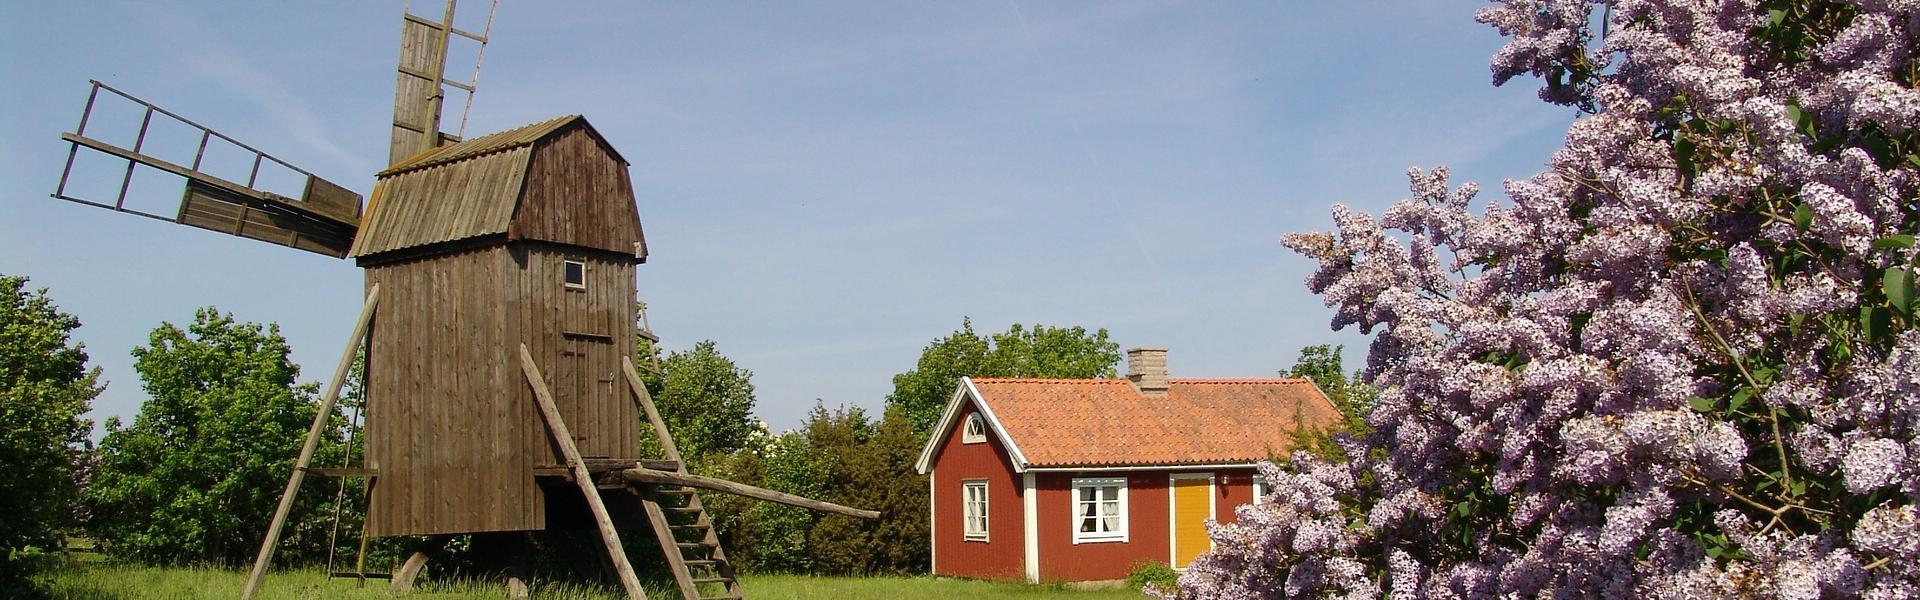 Denemarken & Zweden | 10-daagse autorondreis Kopenhagen en Zuid-Zweden